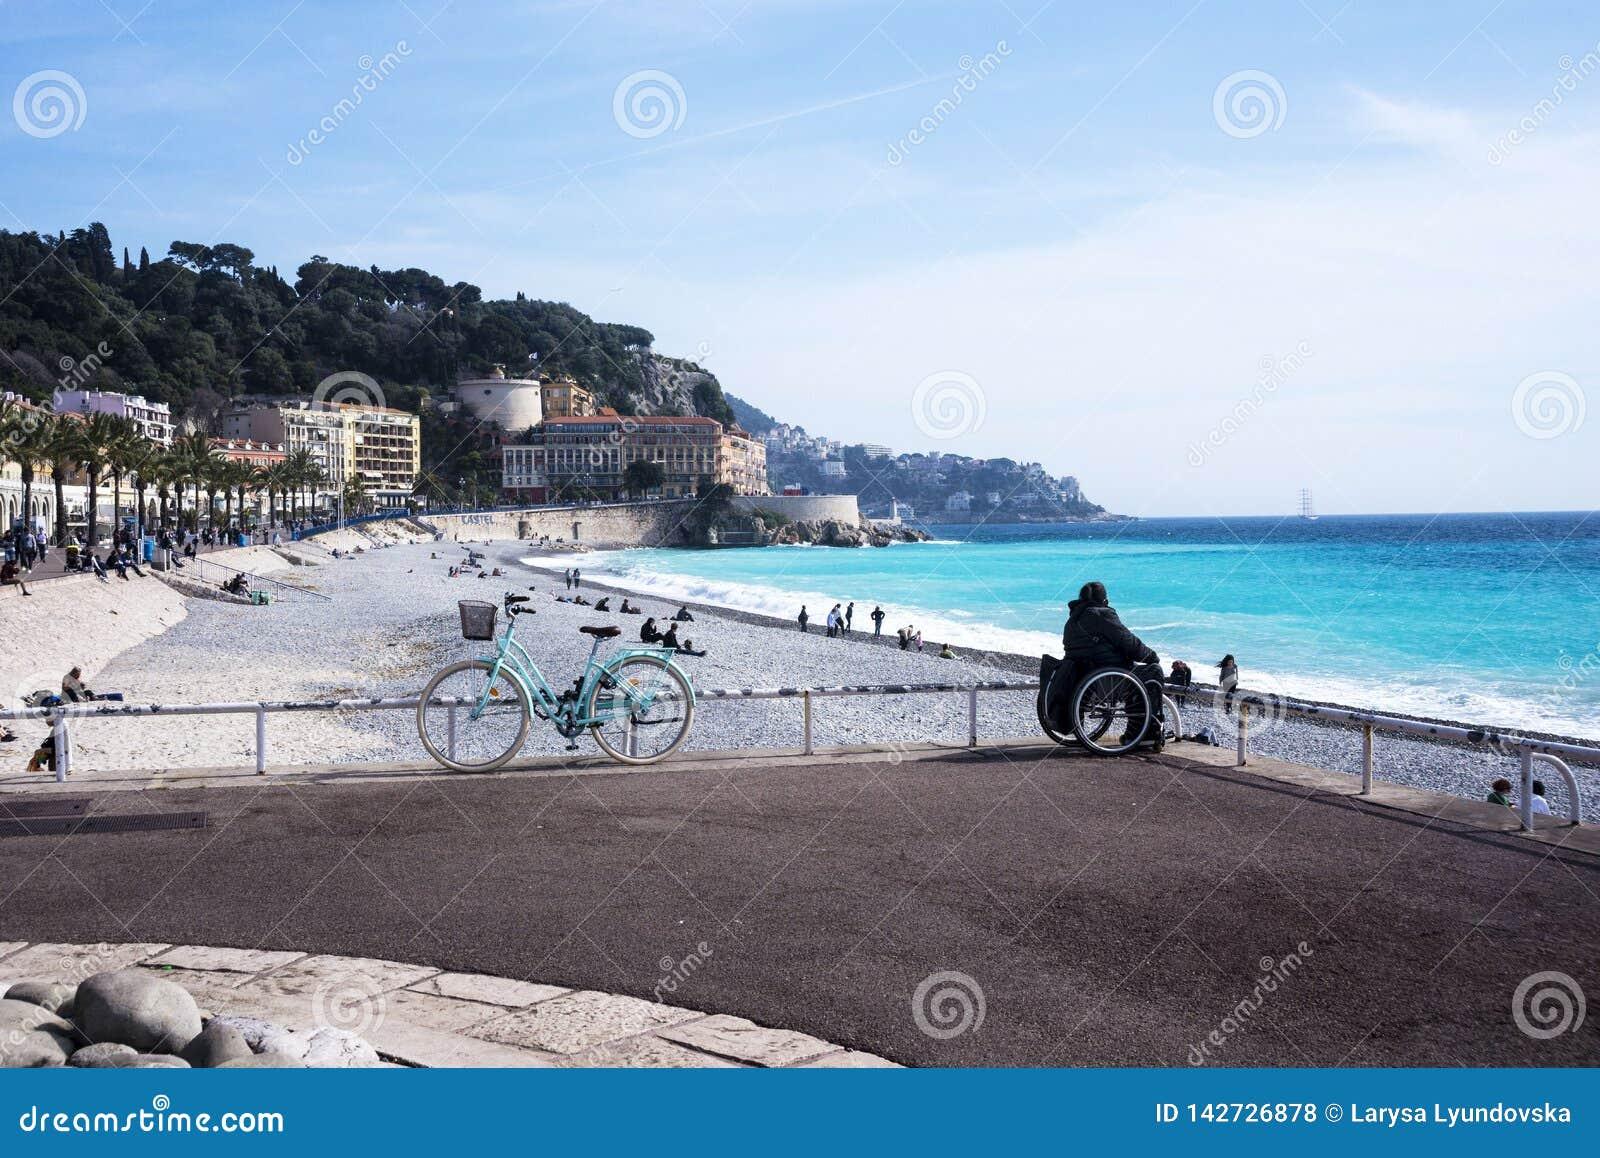 Het meisje in een rolstoel zit op de kusten van het azuurblauwe overzees Een mooie blauwe overzees, een geparkeerde fiets, bergen